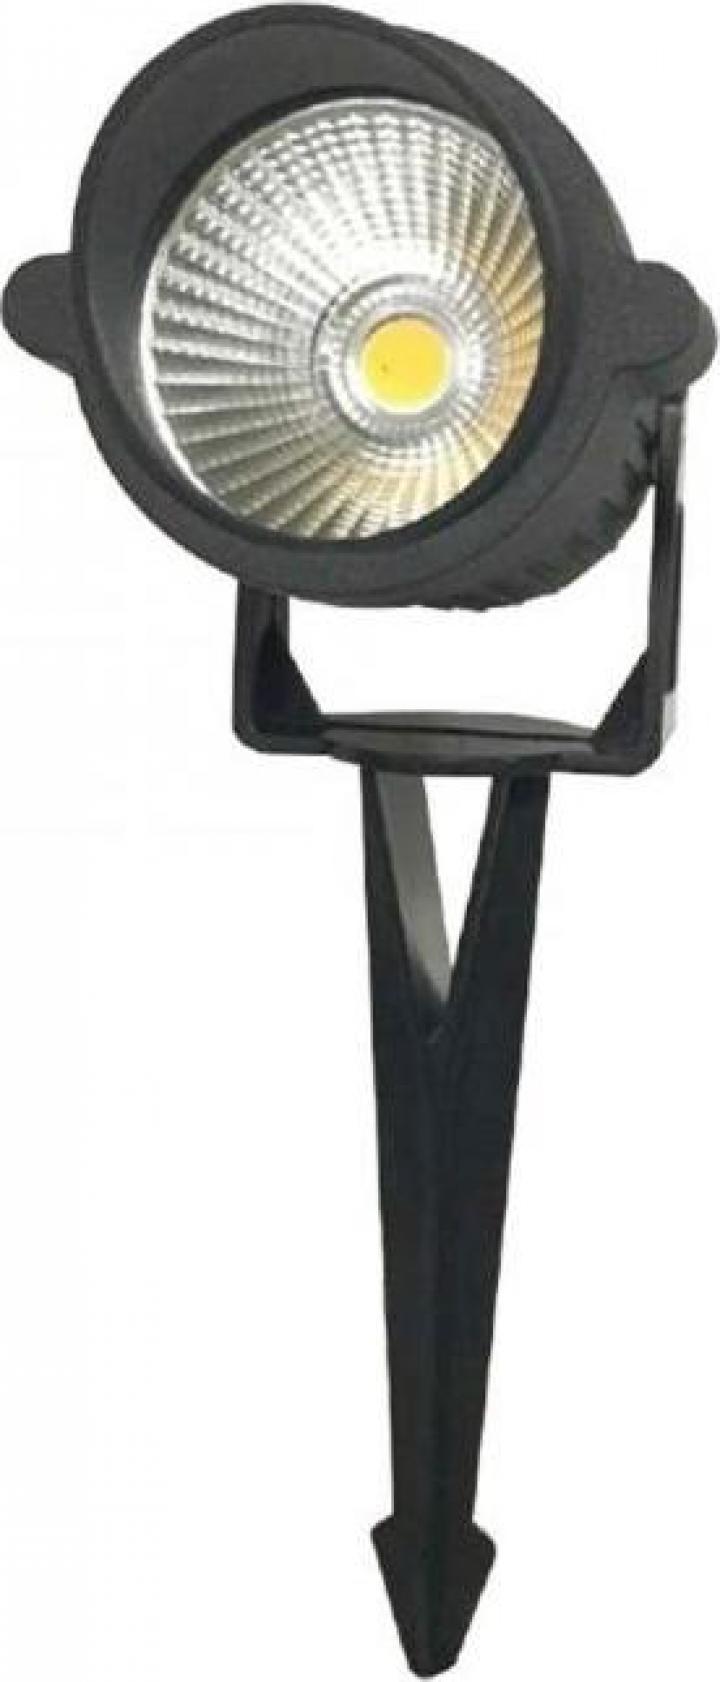 Corp iluminat pentru gradina 1xGU10, IP65, negru